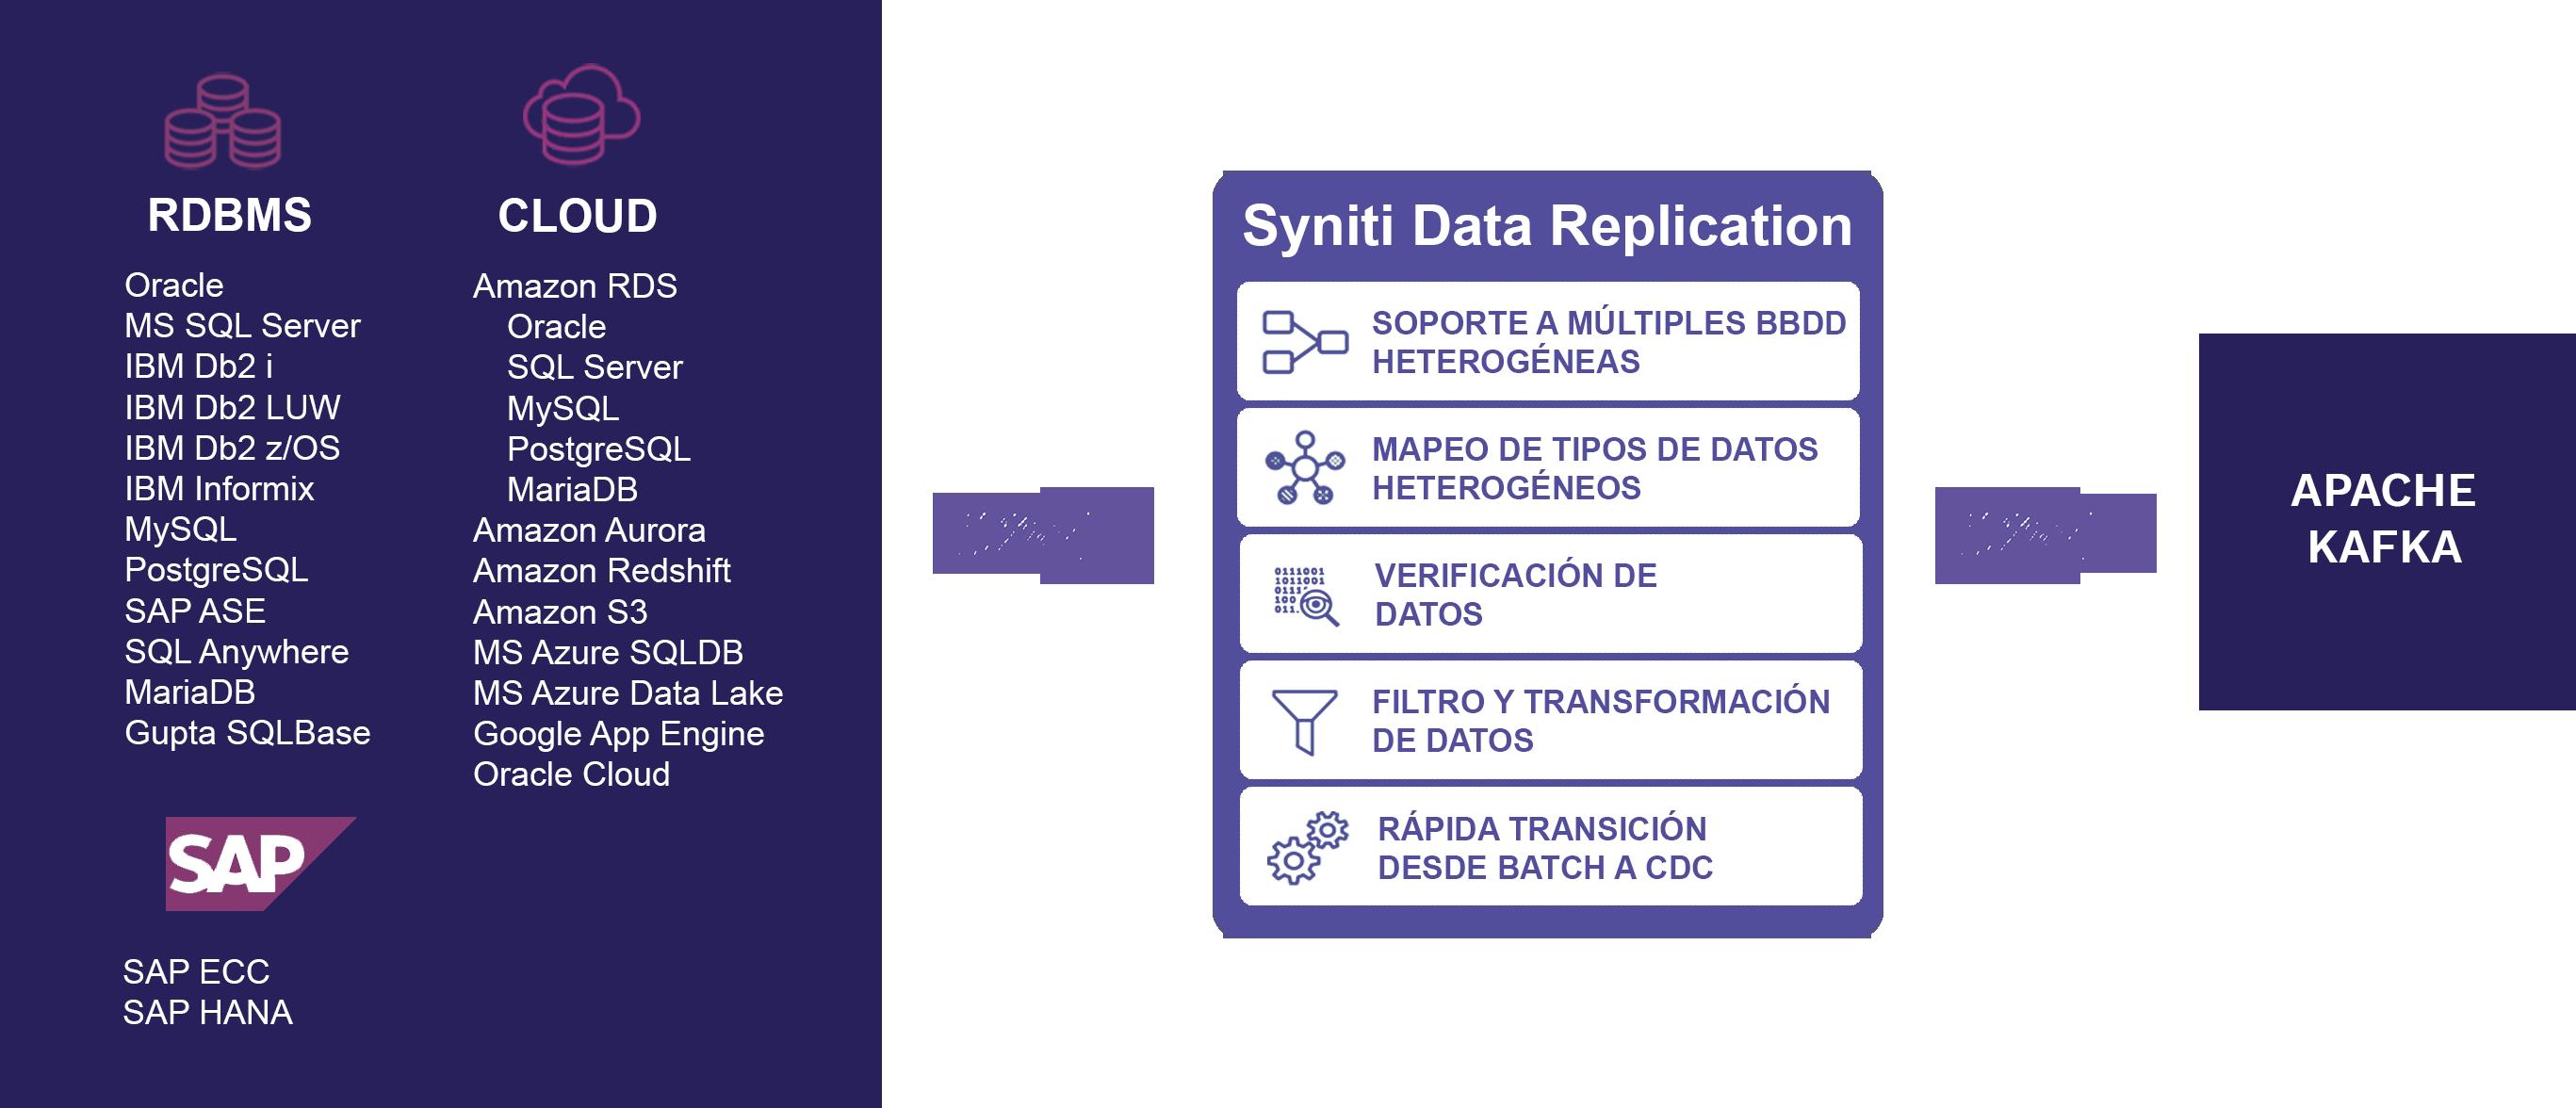 Esquema de replicacion de datos kafka